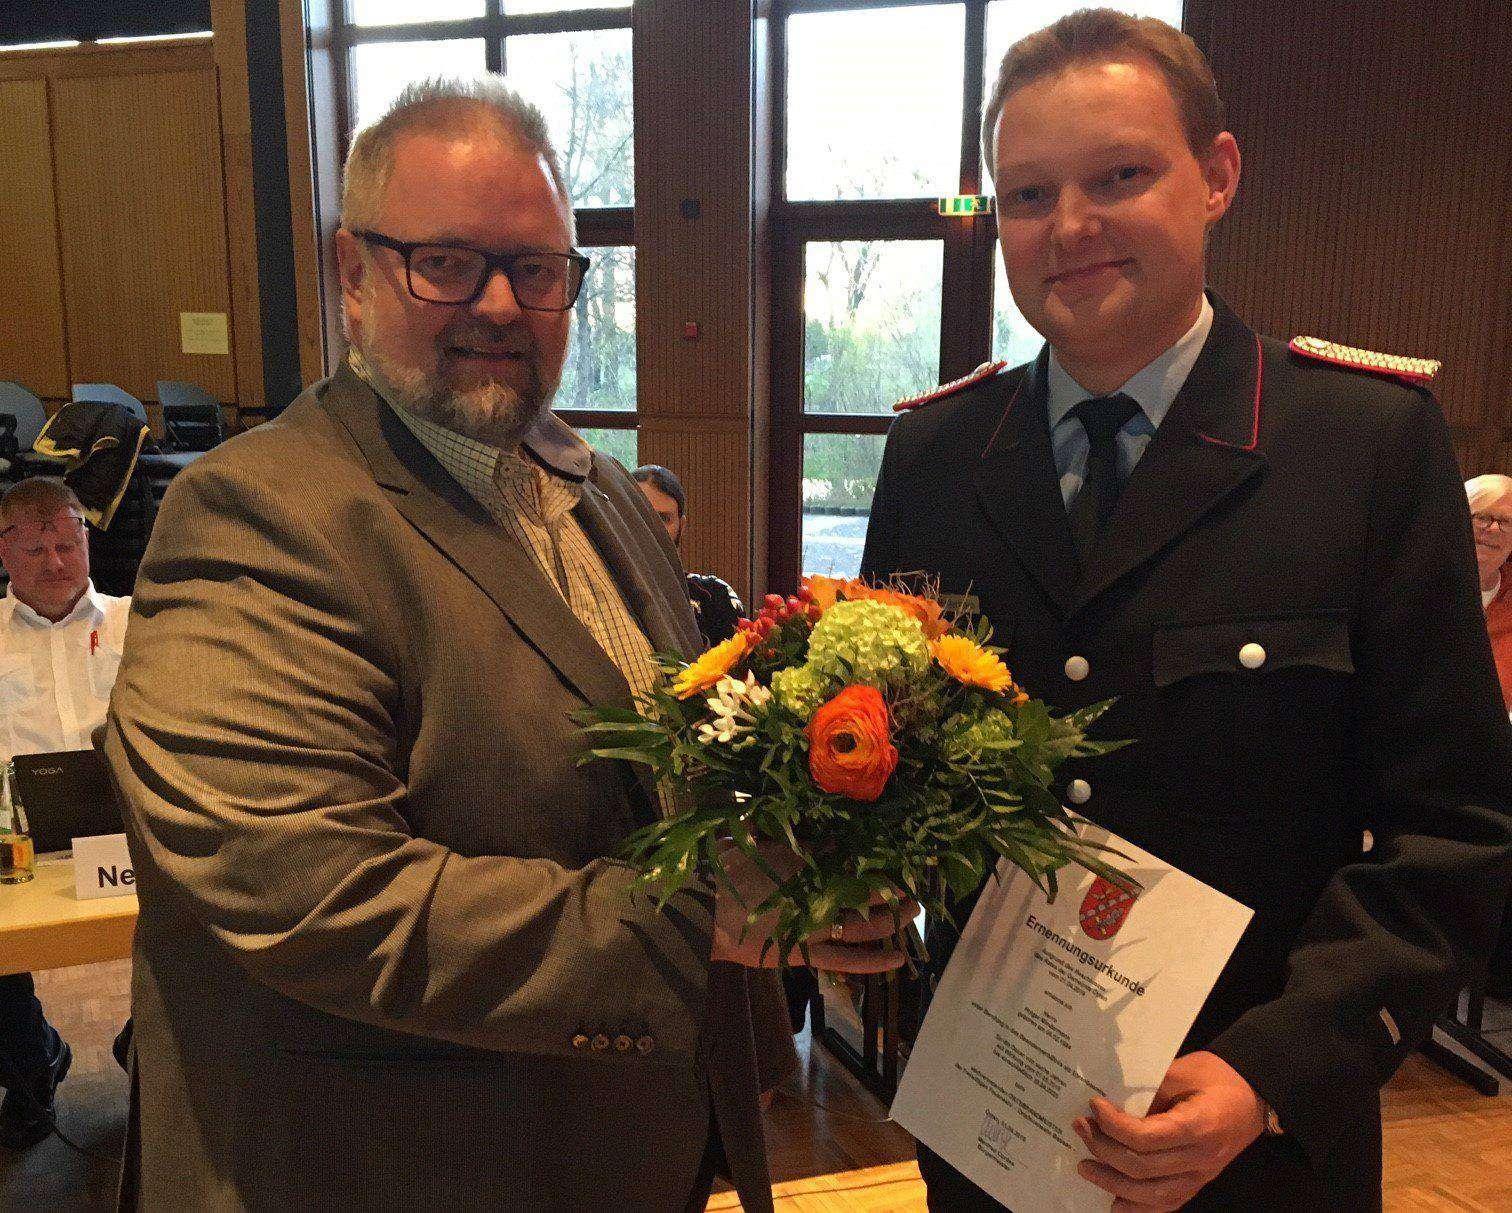 Oytens stellvertretender Bürgermeister Heiko Oetjen (links) überreicht Holger Mindermann Urkunde und Blumen.